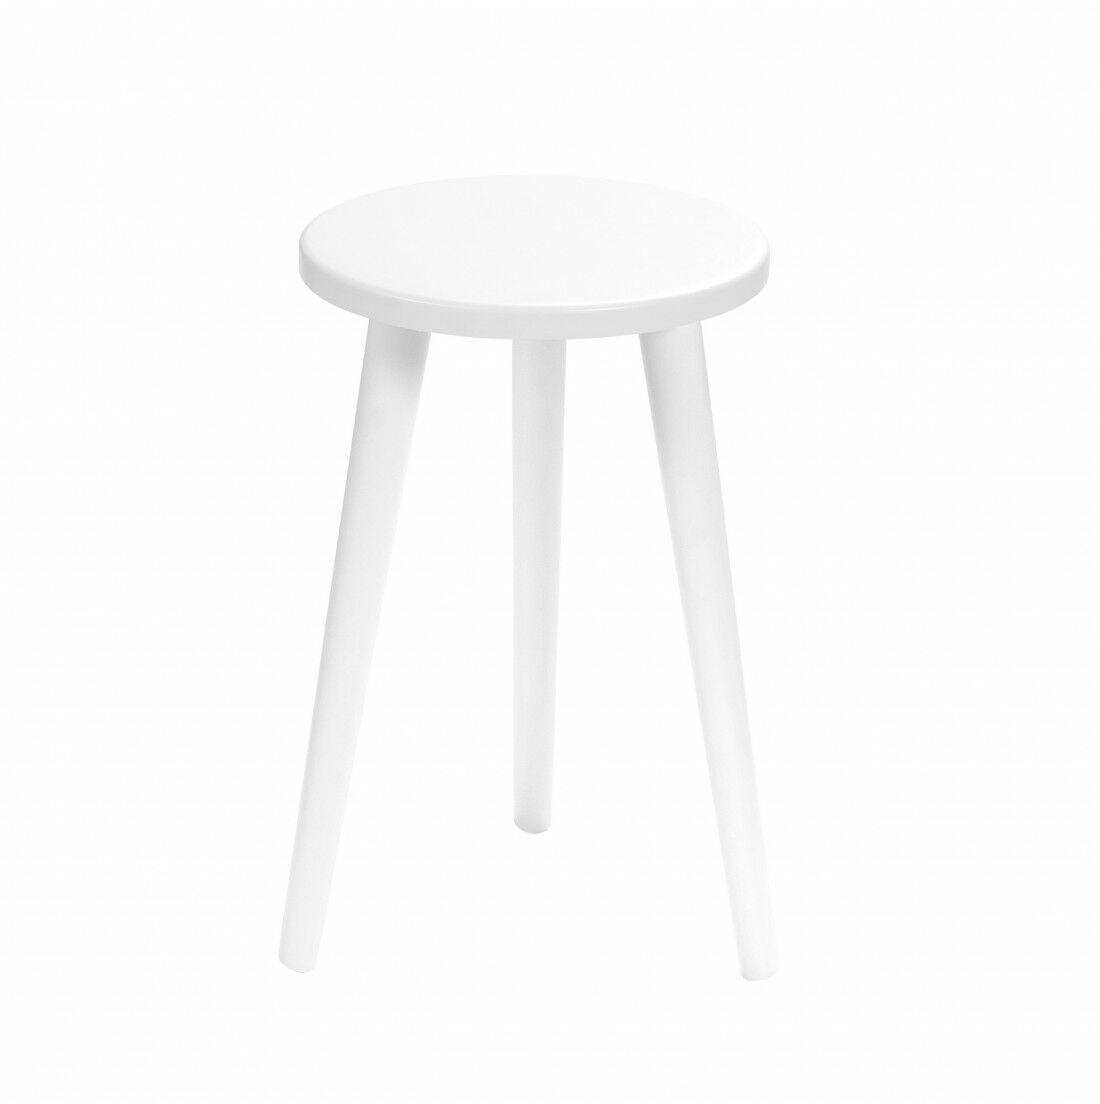 Taboret okrągły ze sklejki Crystal White, Wykończenie nogi - Biały, Wysokość - 470, Wymiar siedziska (Średnica) - 300